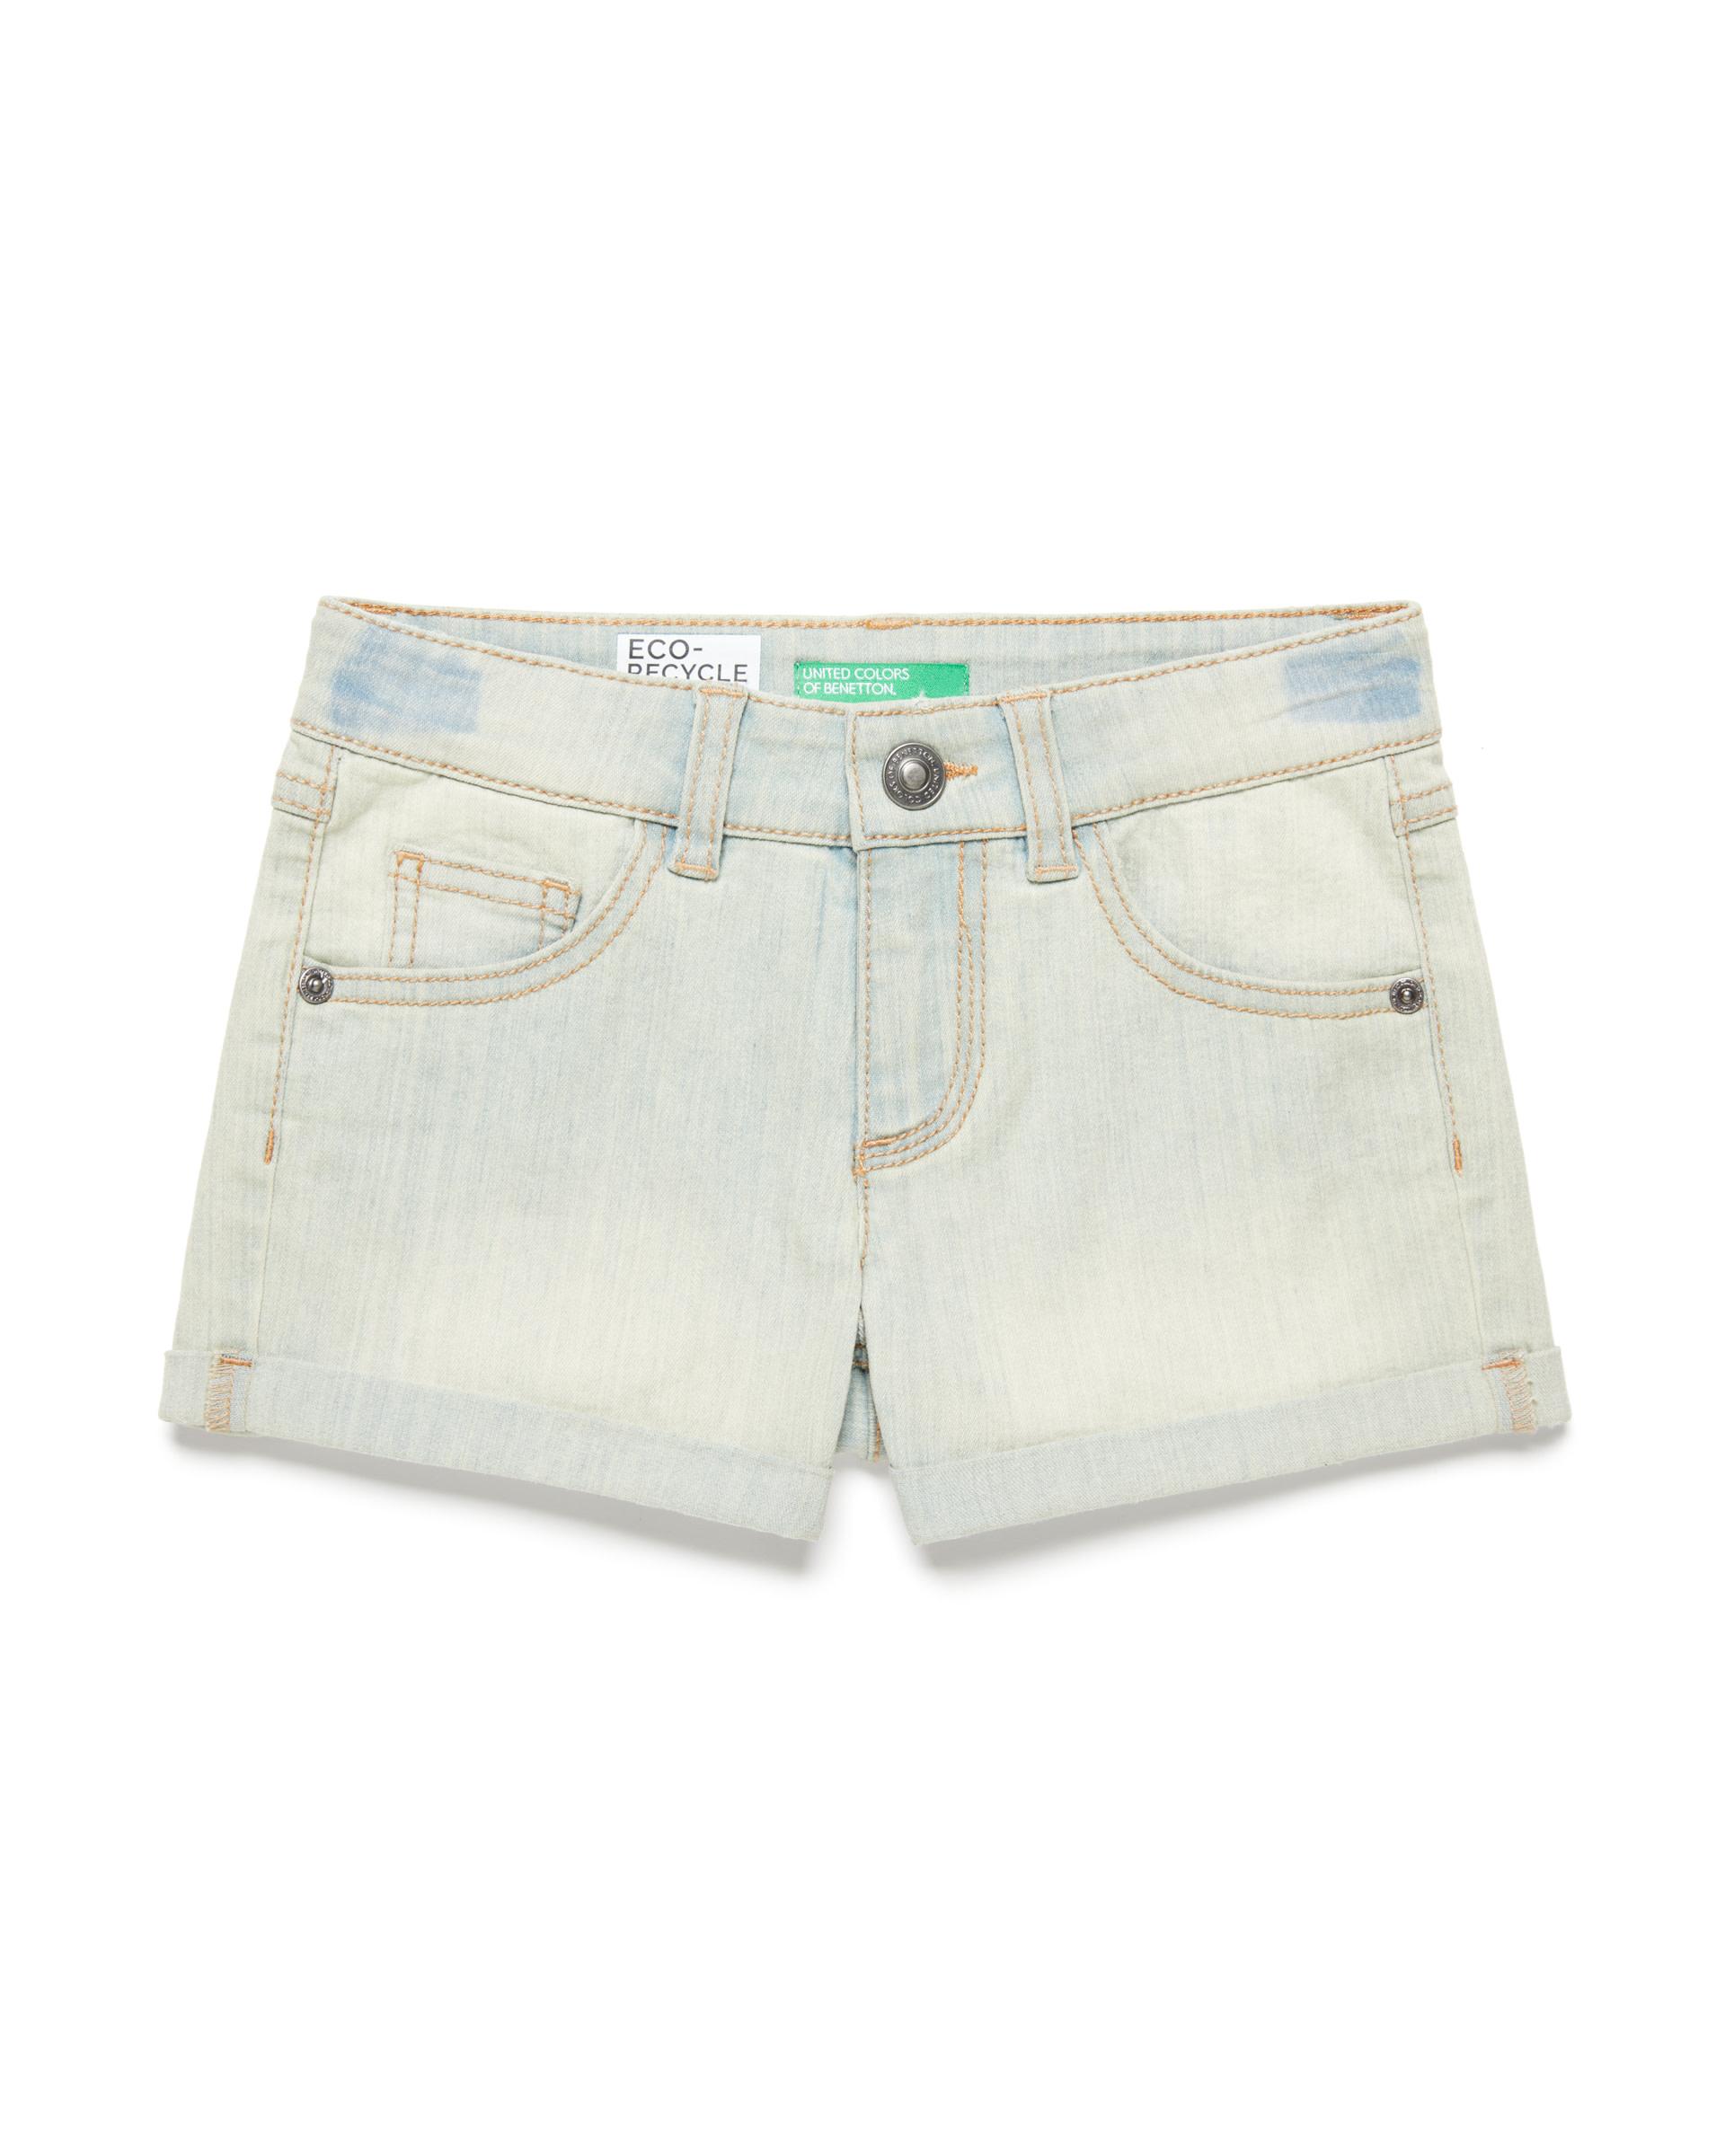 Купить 20P_4XA2597V0_902, Джинсовые шорты для девочек Benetton 4XA2597V0_902 р-р 158, United Colors of Benetton, Шорты для девочек